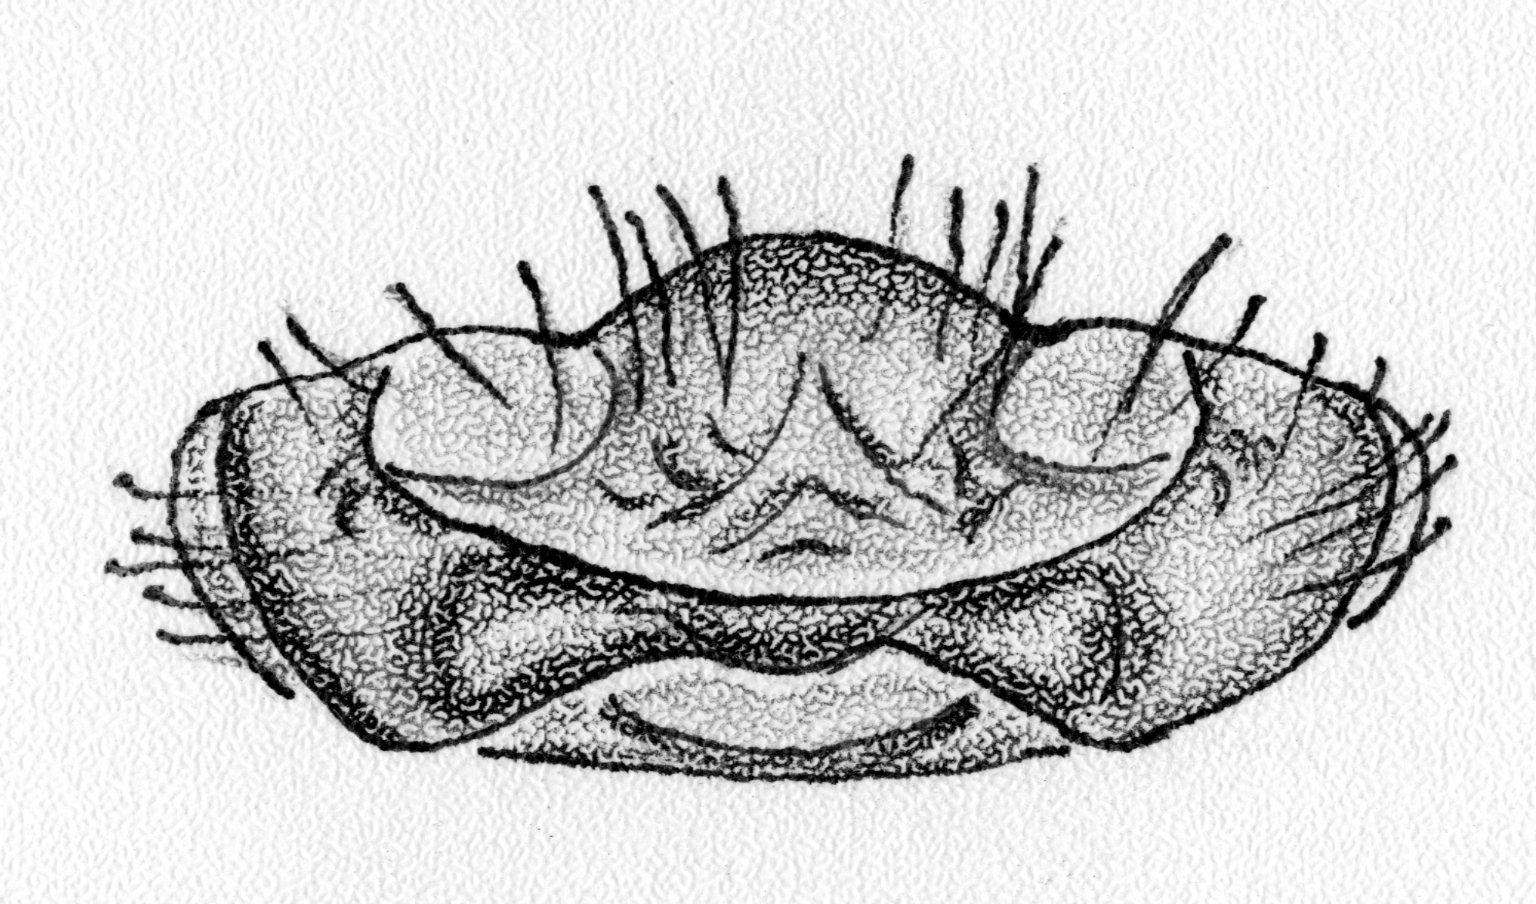 Spider Sex Organs